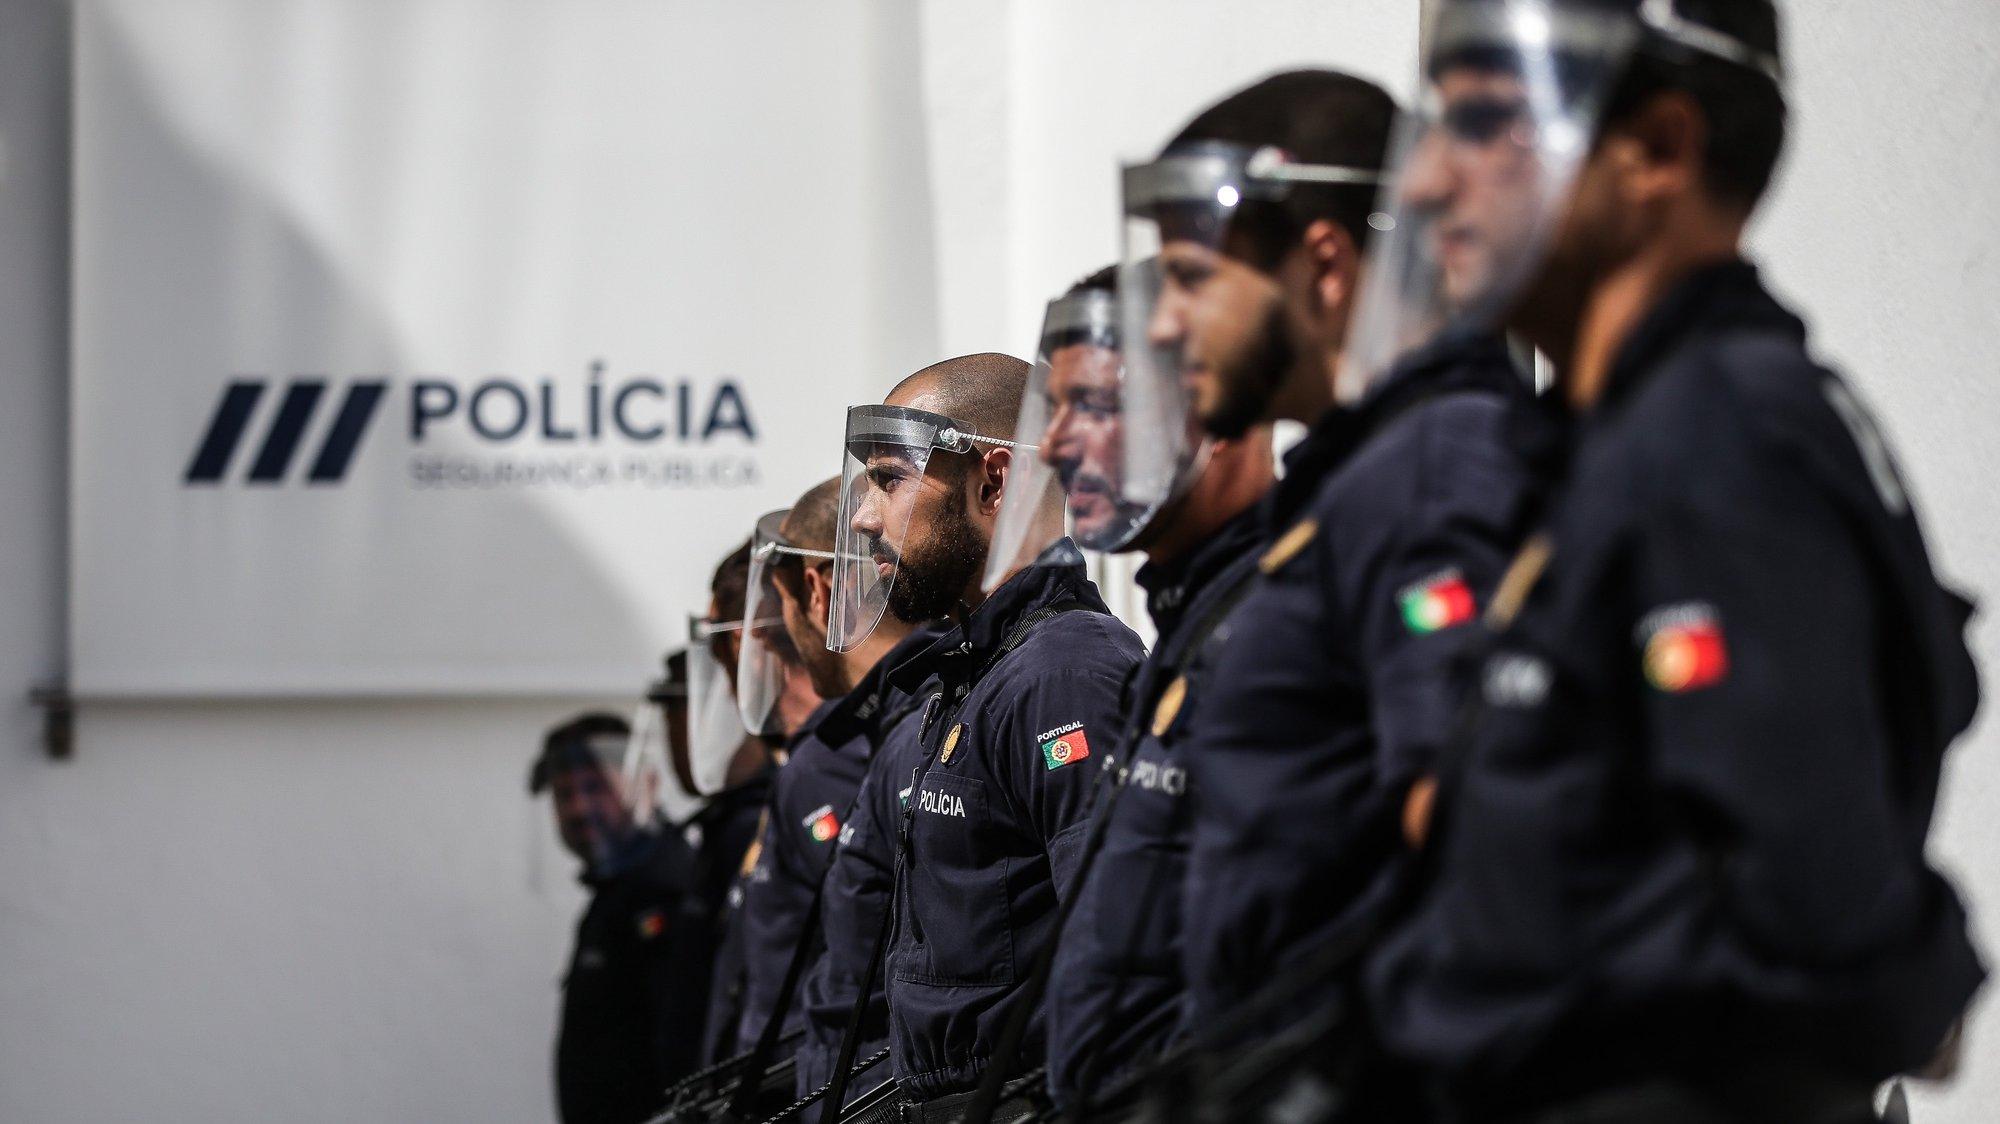 Cerimónia comemorativa do 153.º Aniversário da Polícia de Segurança Pública (PSP), Direção Nacional da PSP, em Lisboa, 2 de julho de 2020. MÁRIO CRUZ/LUSA